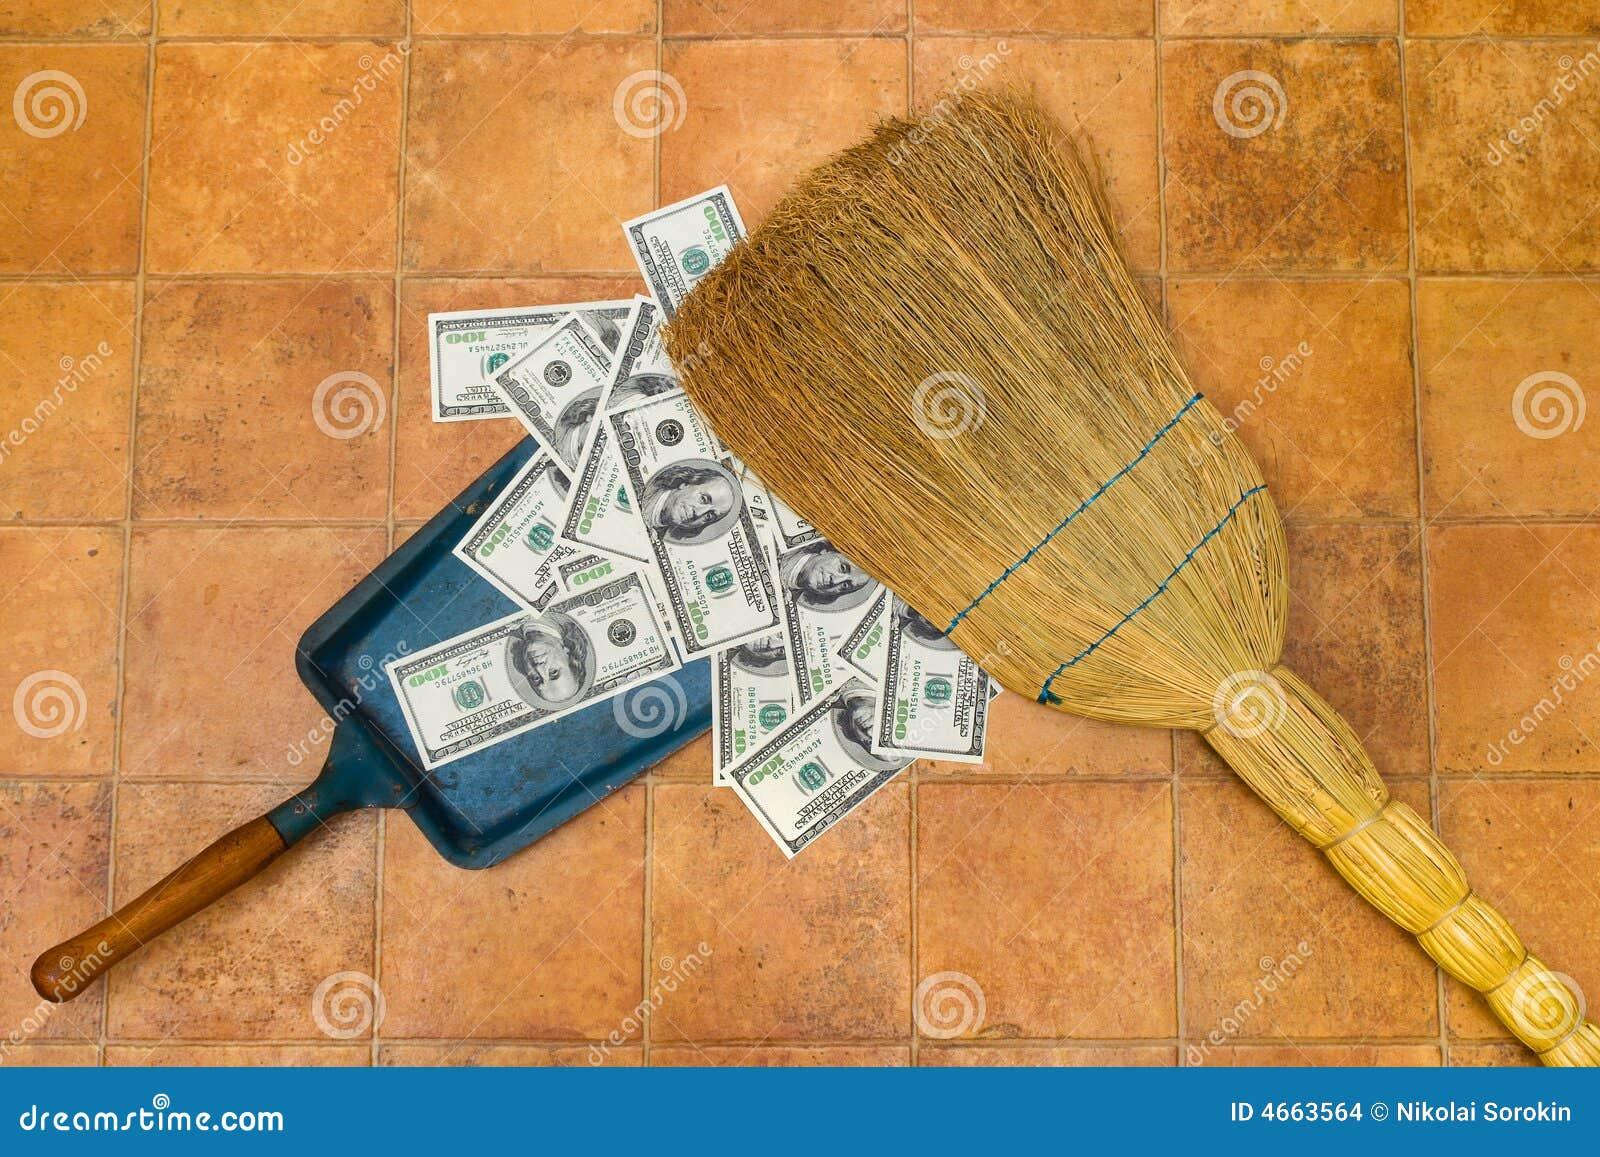 Fußboden Aus Geld ~ Geld und besen stockfoto bild von dollar zinsen fußboden